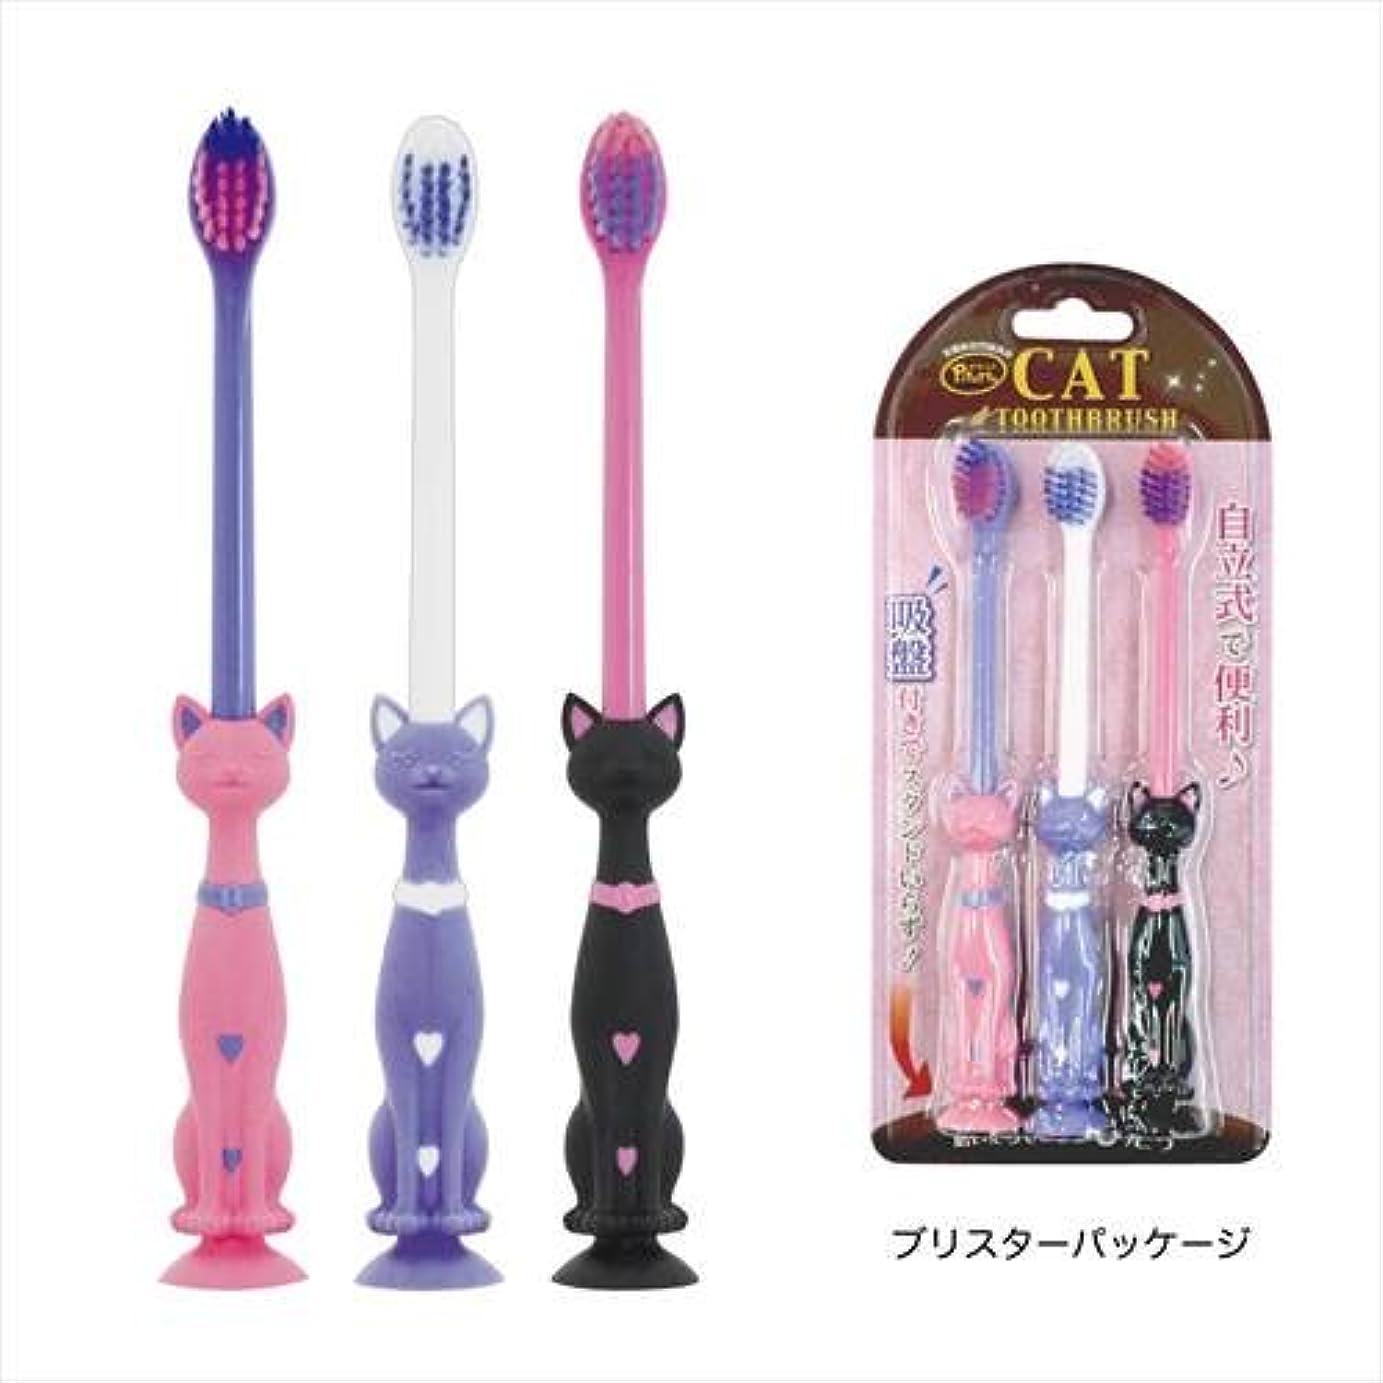 あたたかいダンス再生的ファニー歯ブラシ ネコ 3本セット